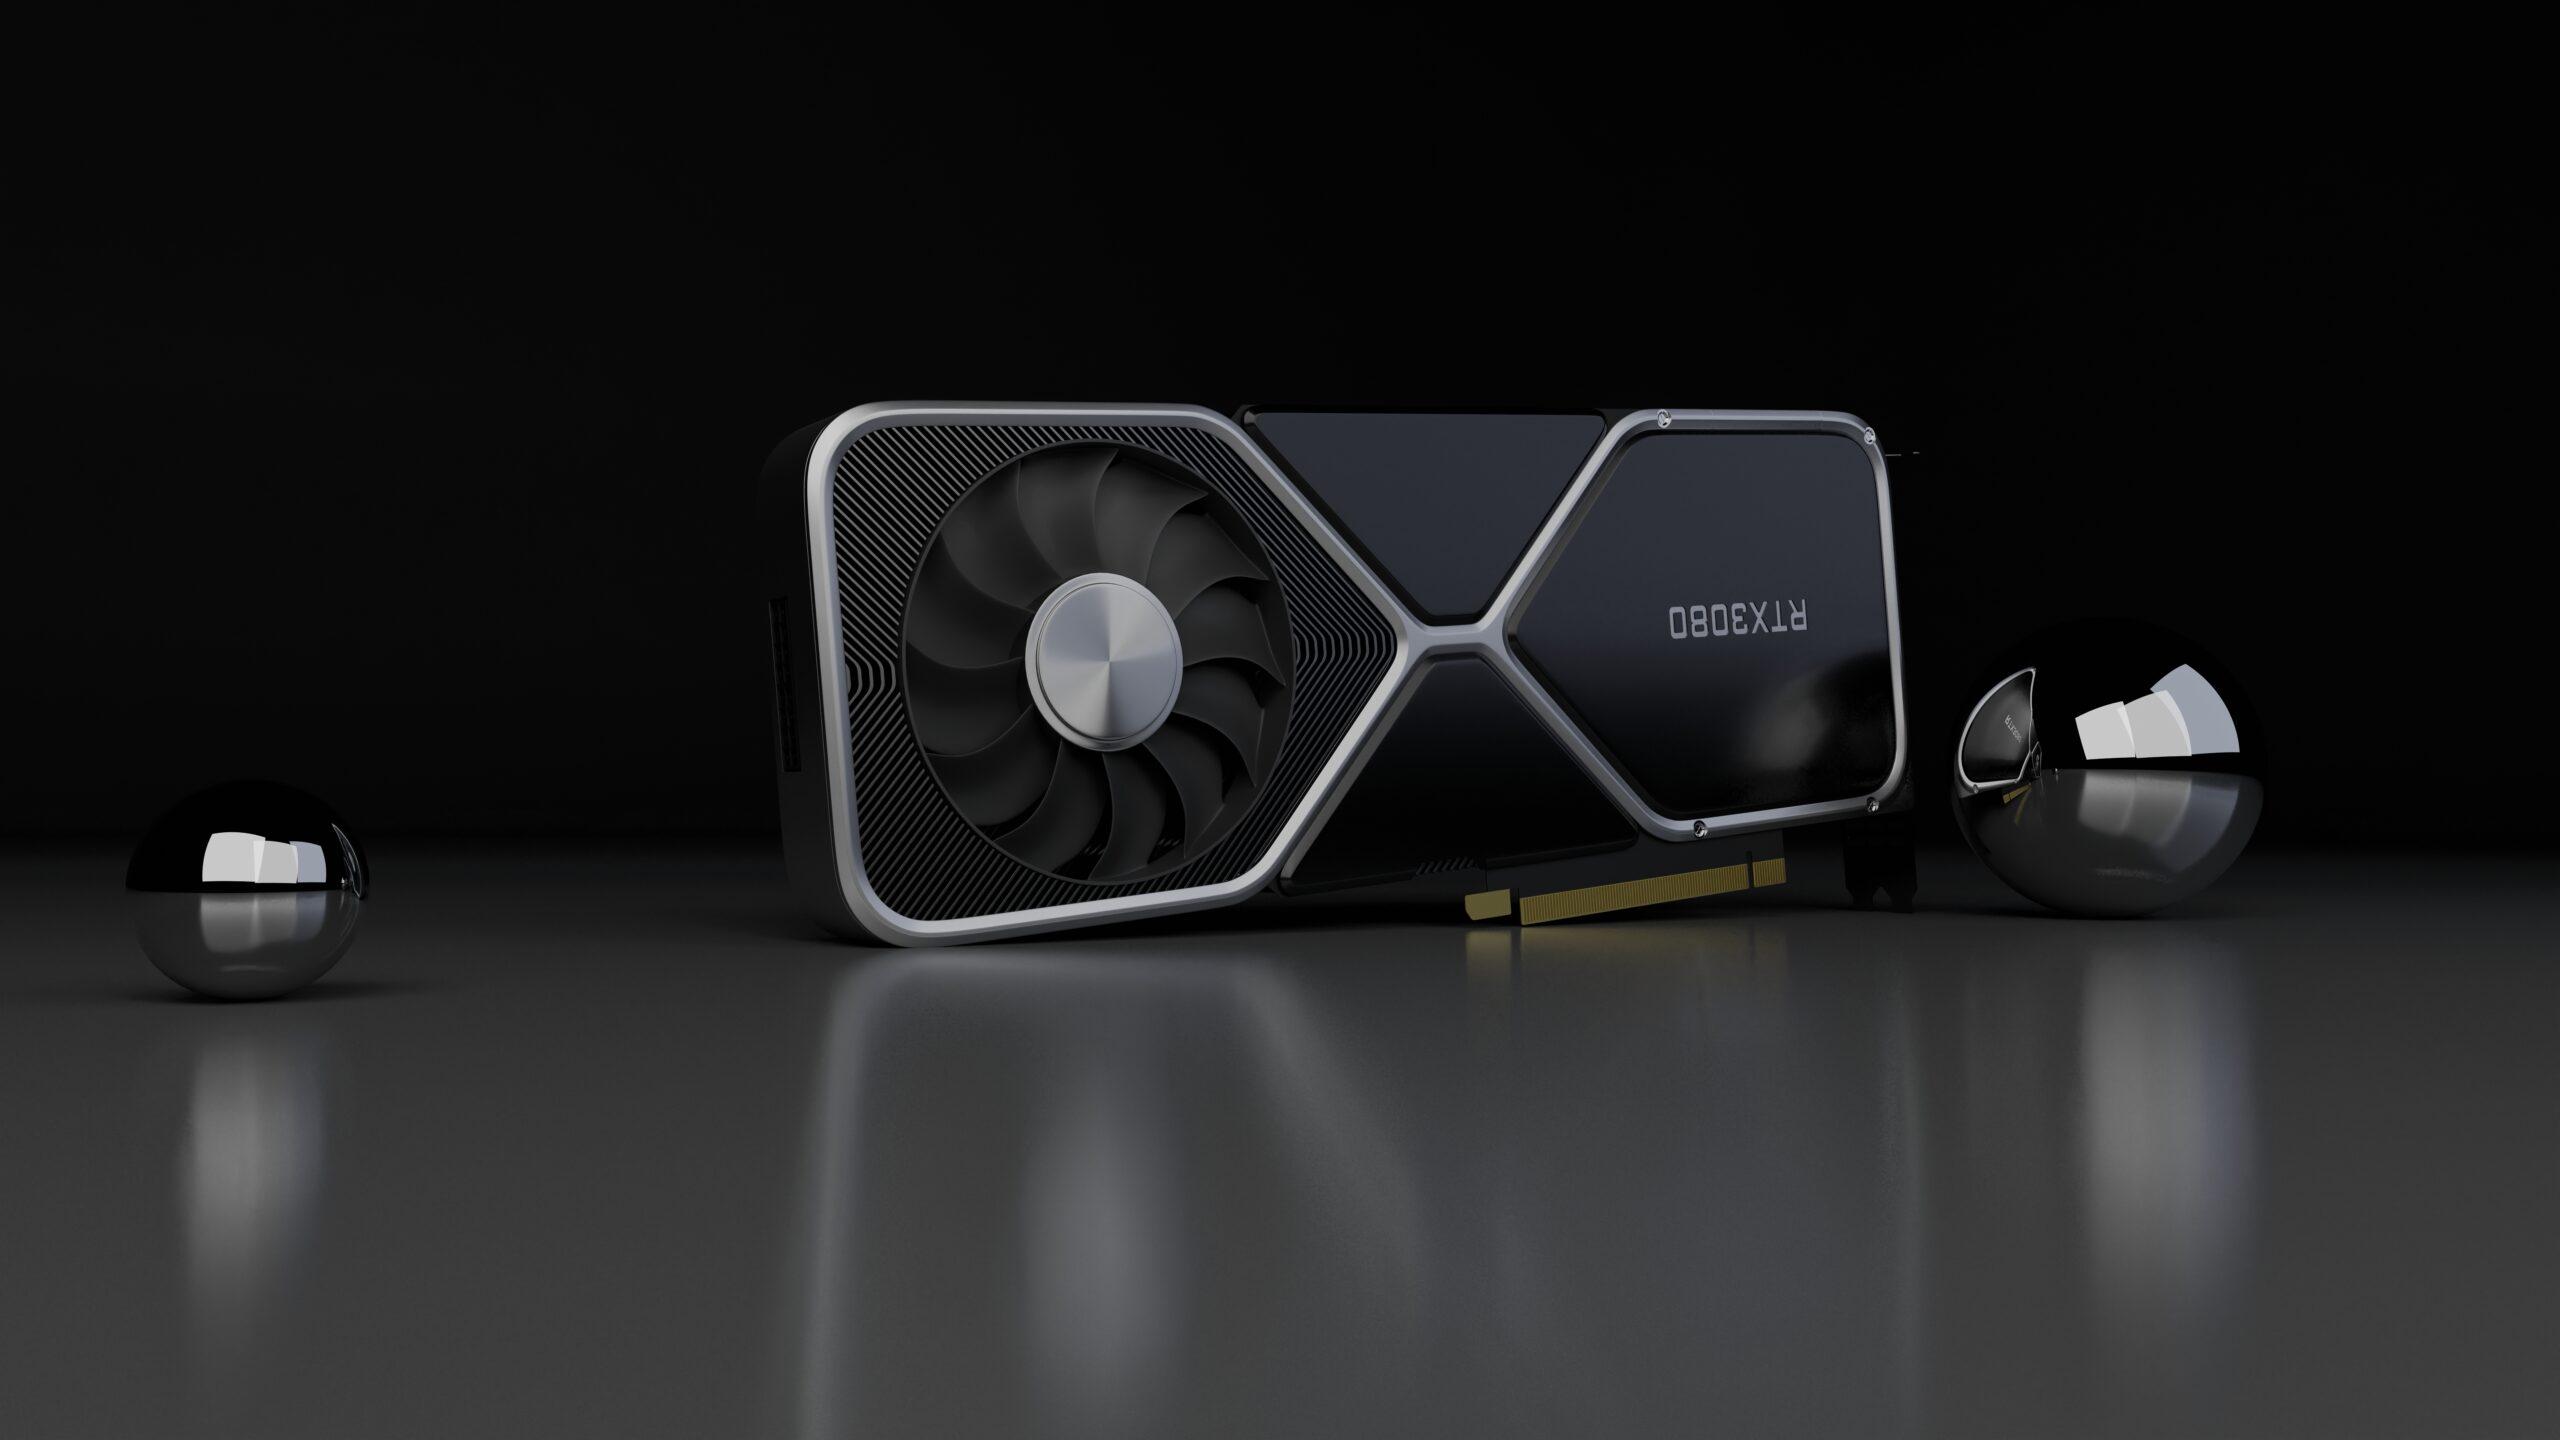 GALAX и Gainward - первые партнеры, тизерящие серию пользовательских видеокарт Nvidia GeForce RTX 30